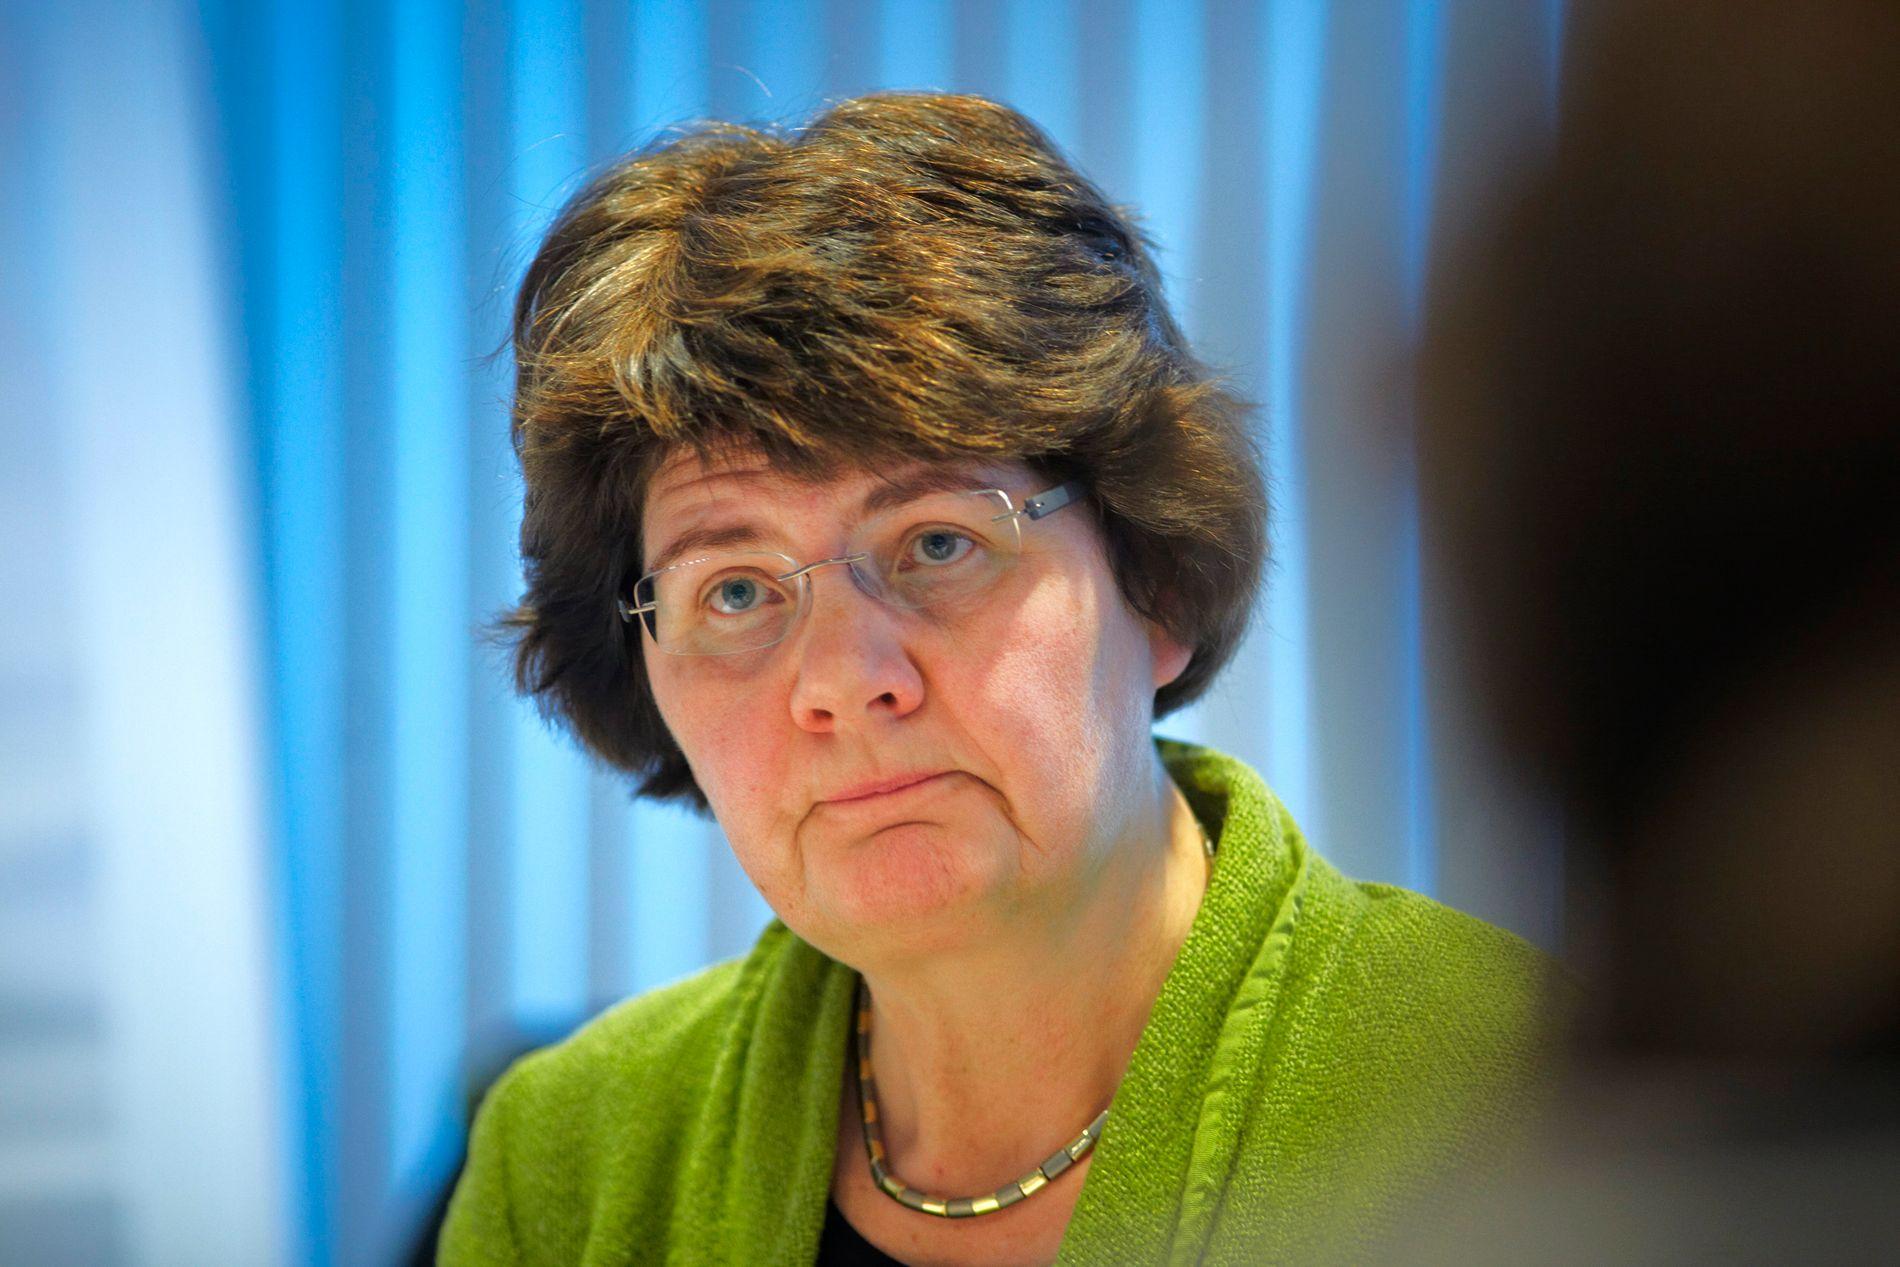 LANGVARIG KONFLIKT: Avdelingdirektør Ragnhild Røed sier til VG at det har vært viktig for henne å legge til rette for godt arbeidsmiljø.